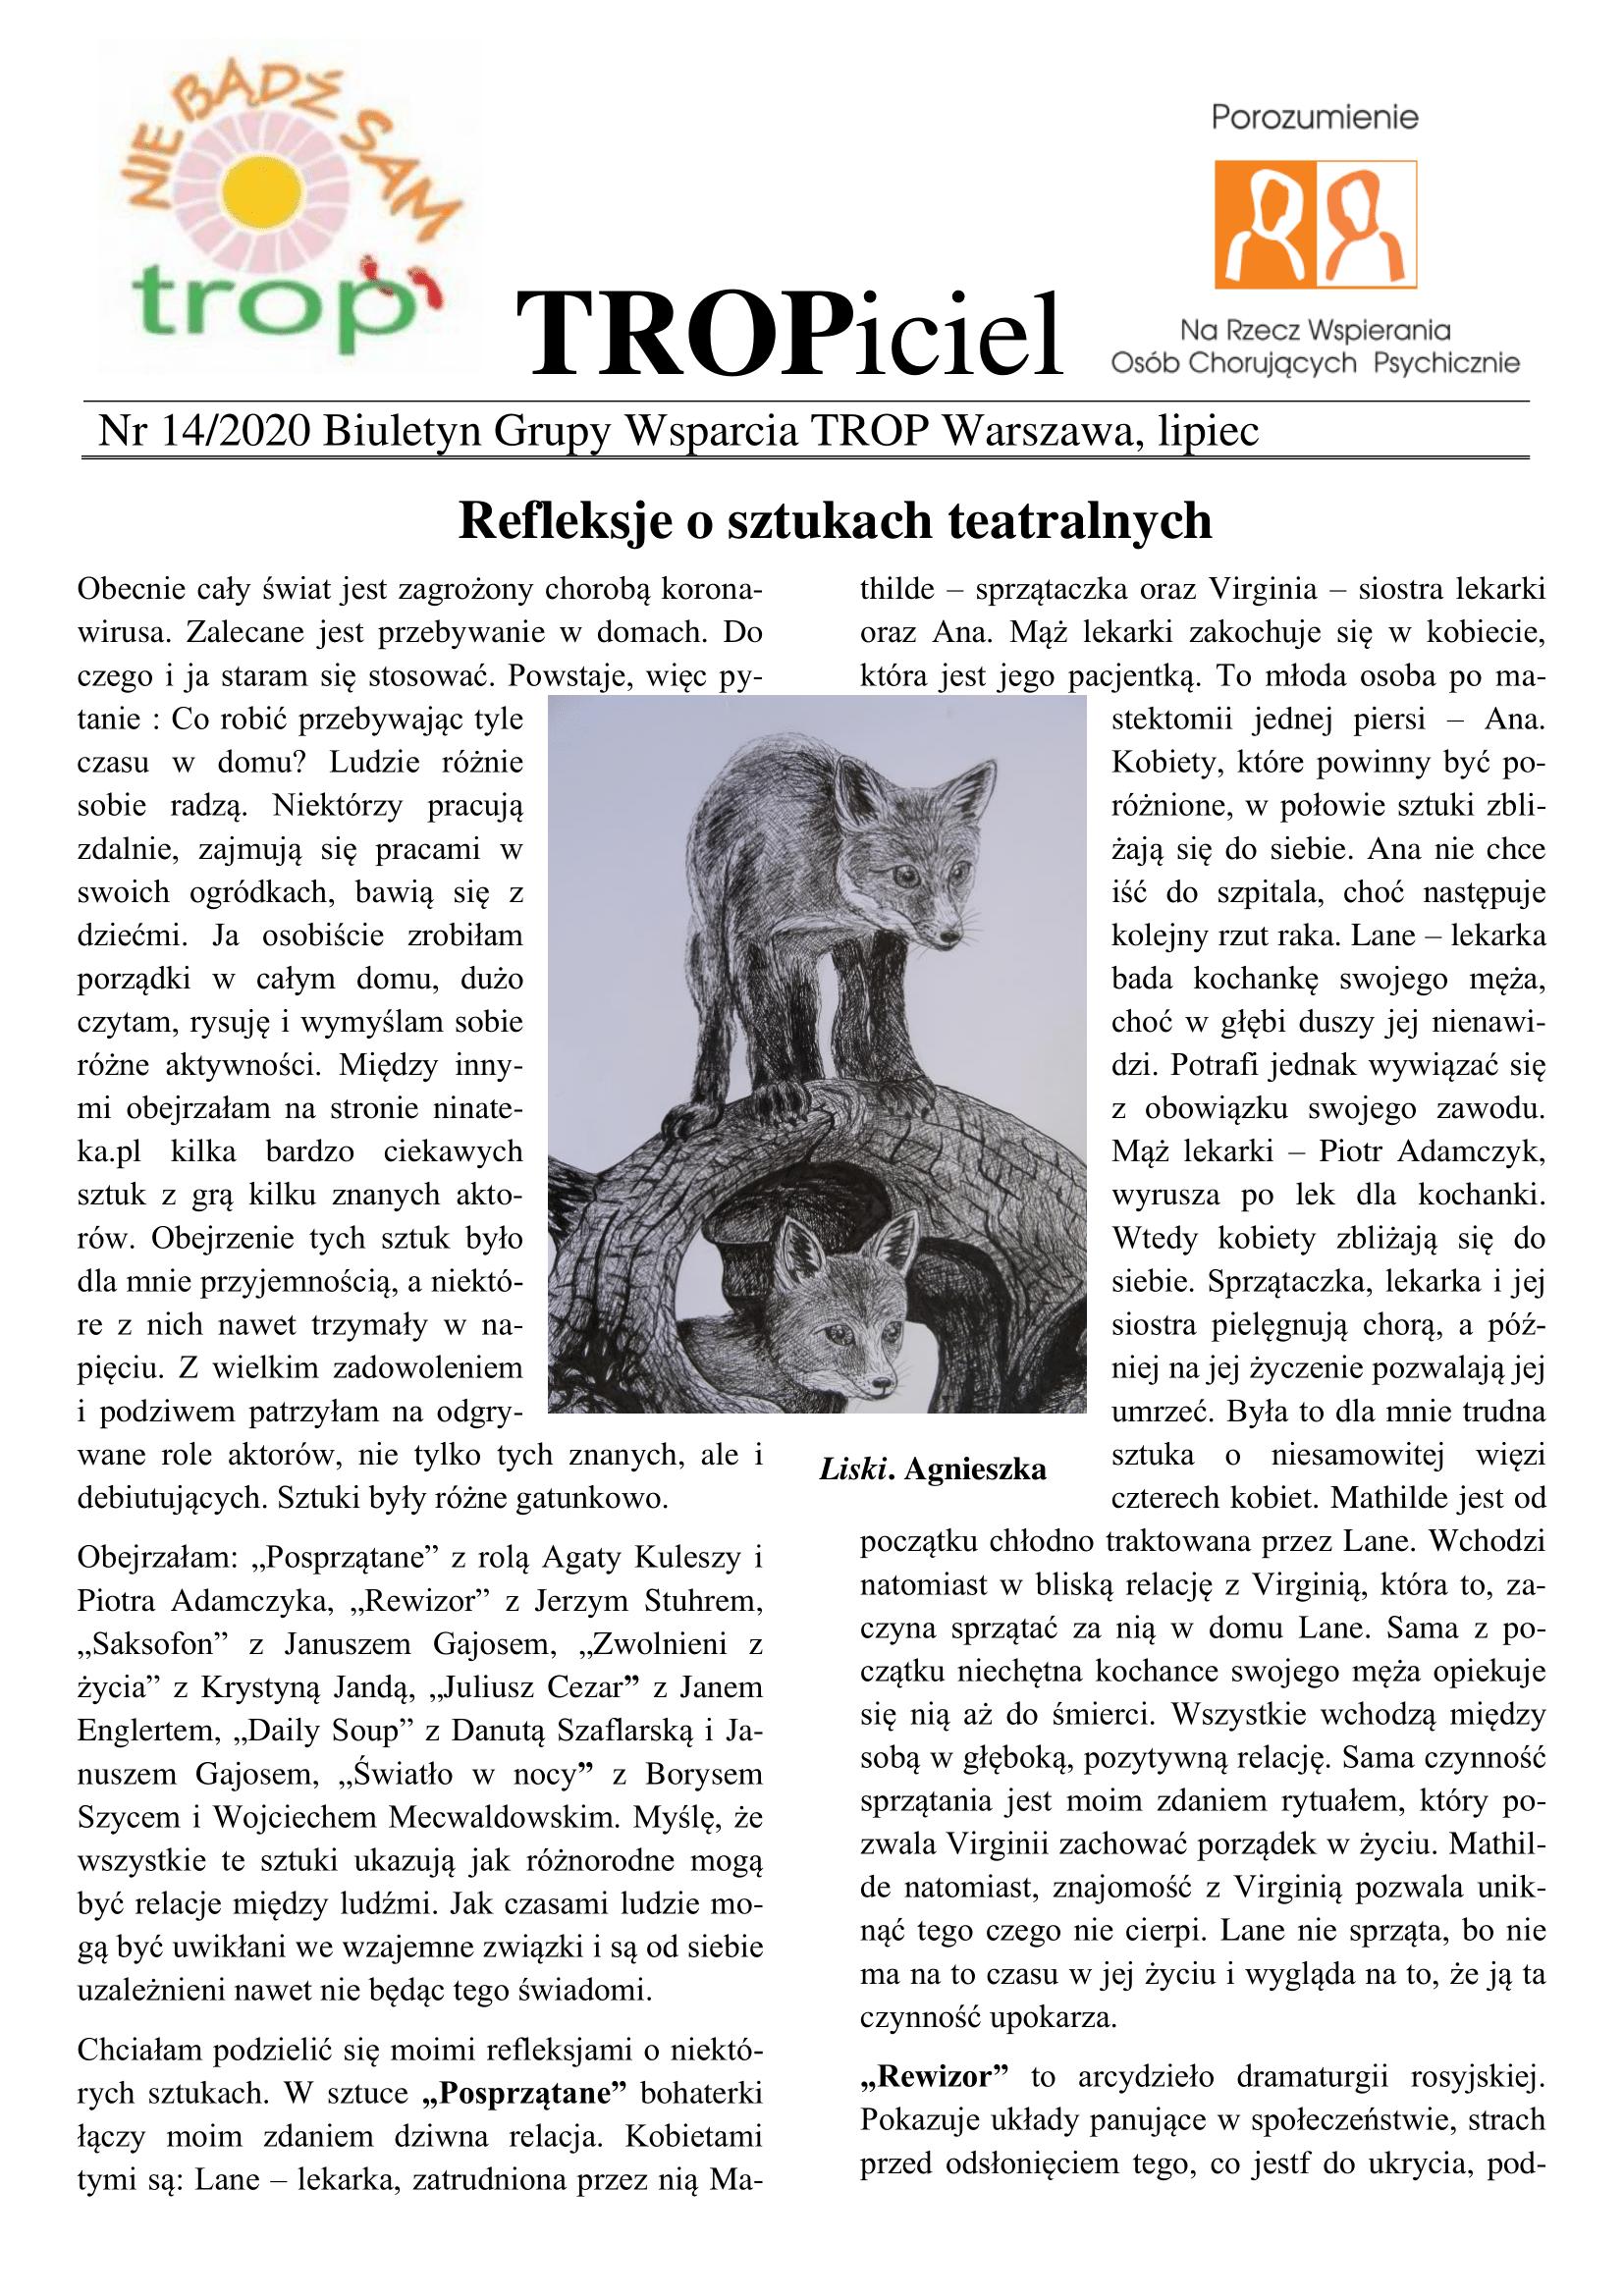 TROPiciel